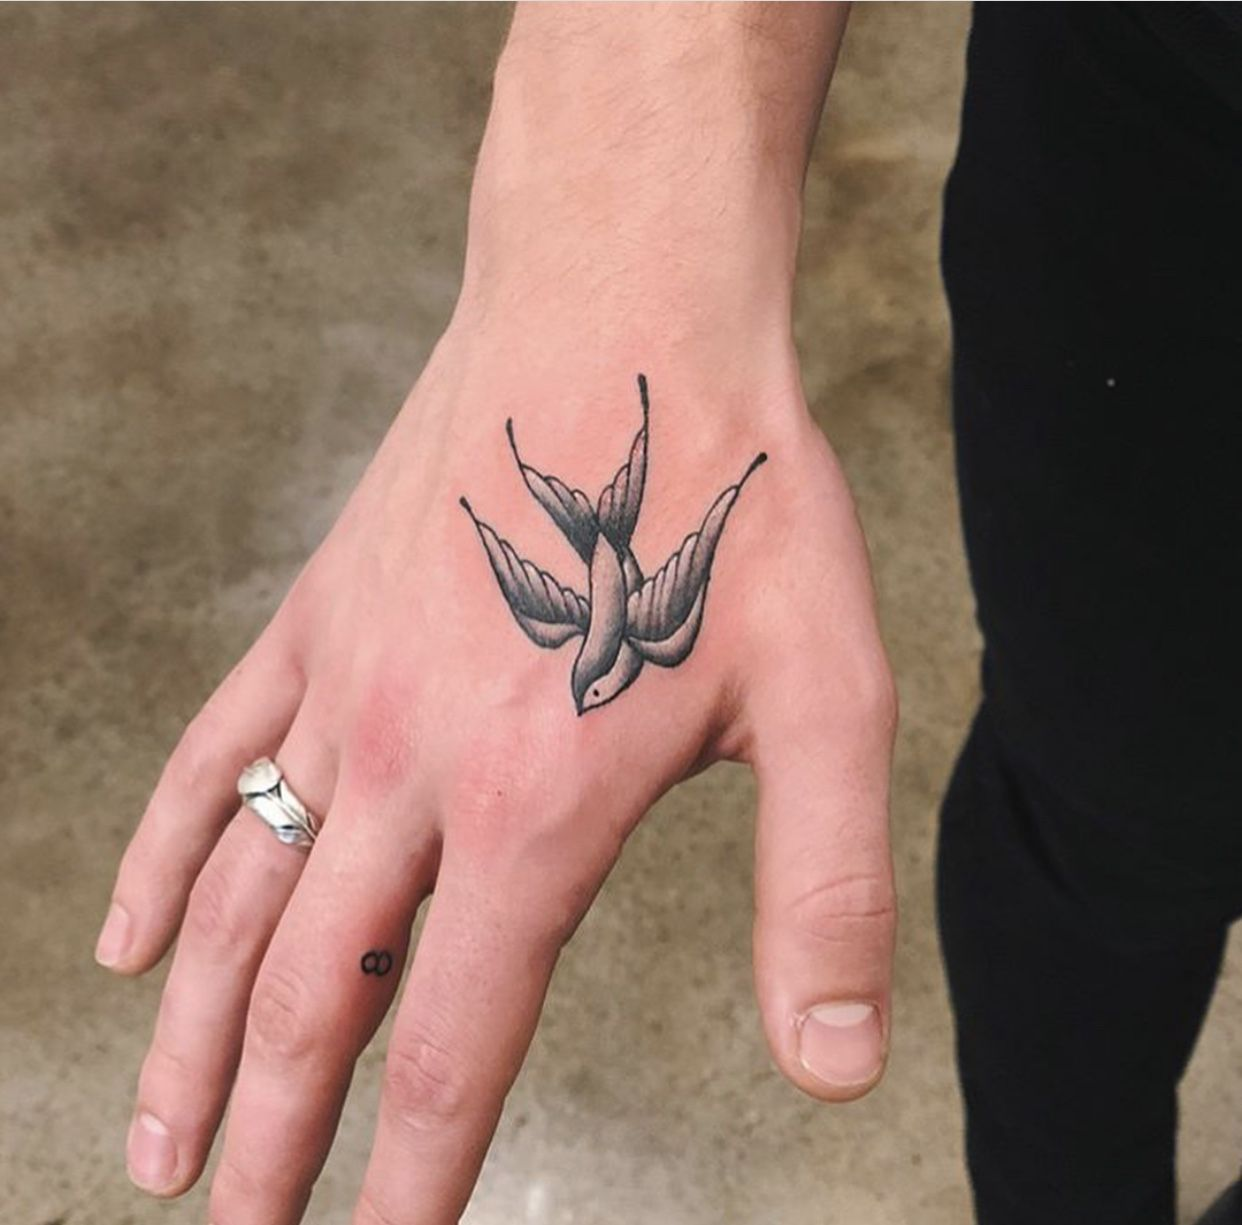 Pin De Bella Mitchell Em Shawn Mendes Tatuagem De Passaros Tatuagem Na Mao Tatuagens No Dedo Masculinas